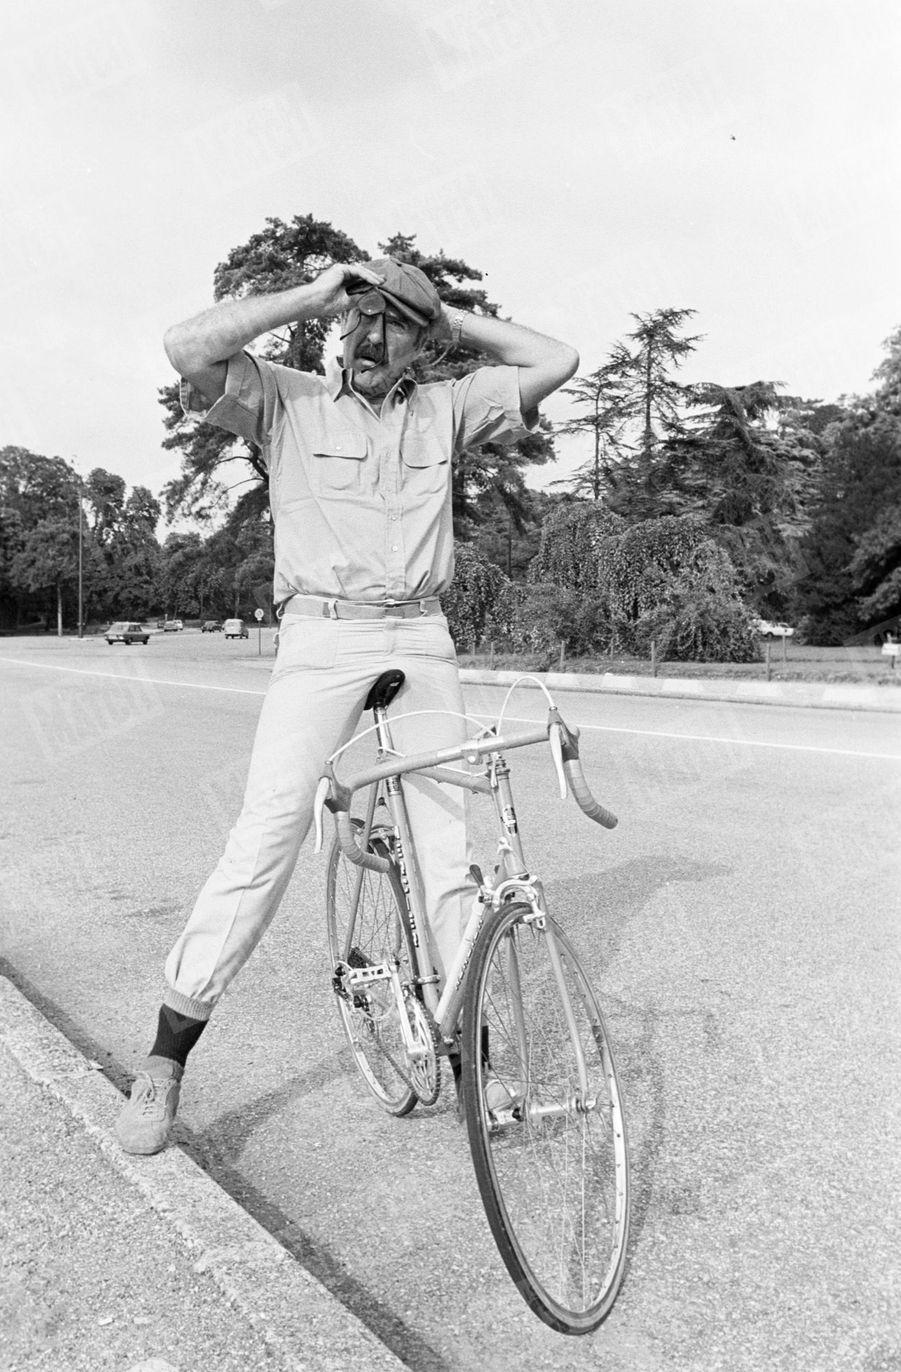 « Il se compose une silhouette à la Jacques Tati pour pédaler. » - Paris Match n°1447, 16 septembre 1977